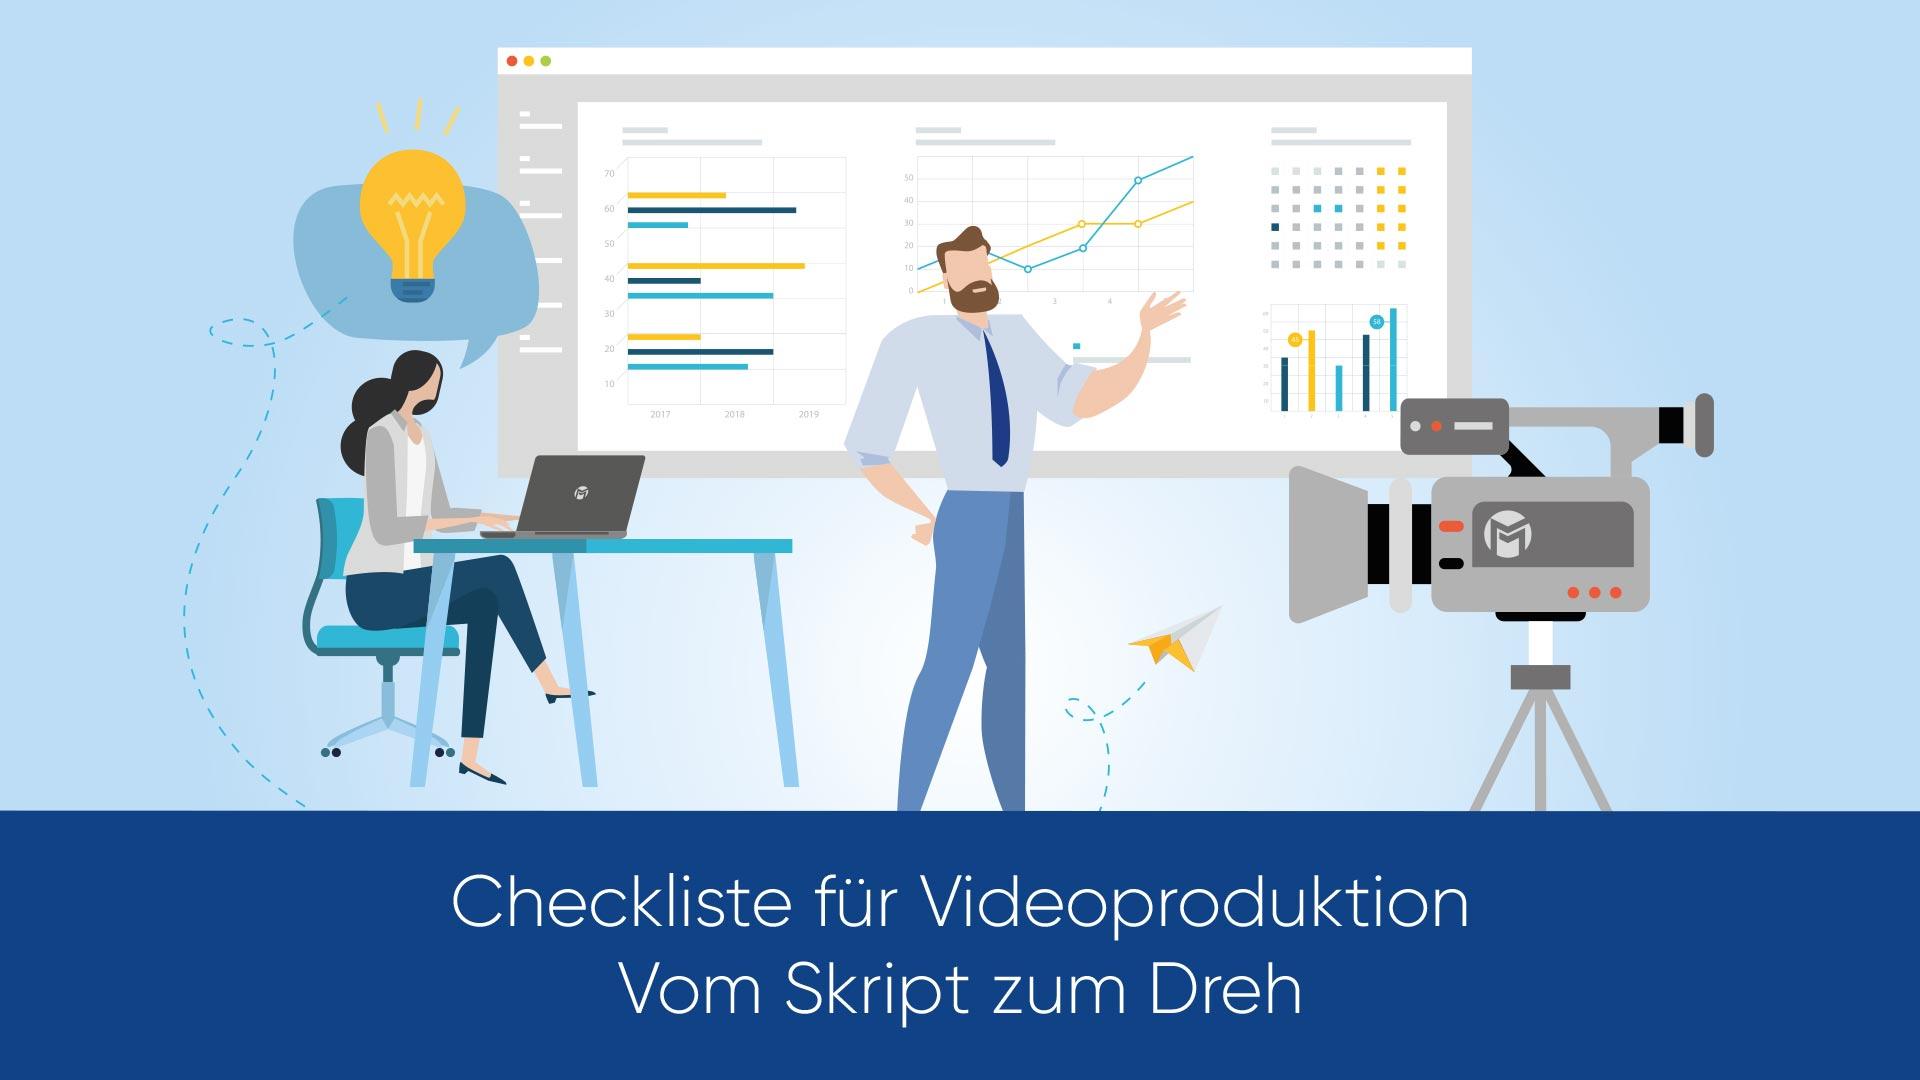 Checkliste für Videoproduktion - Vom Skript zum Dreh